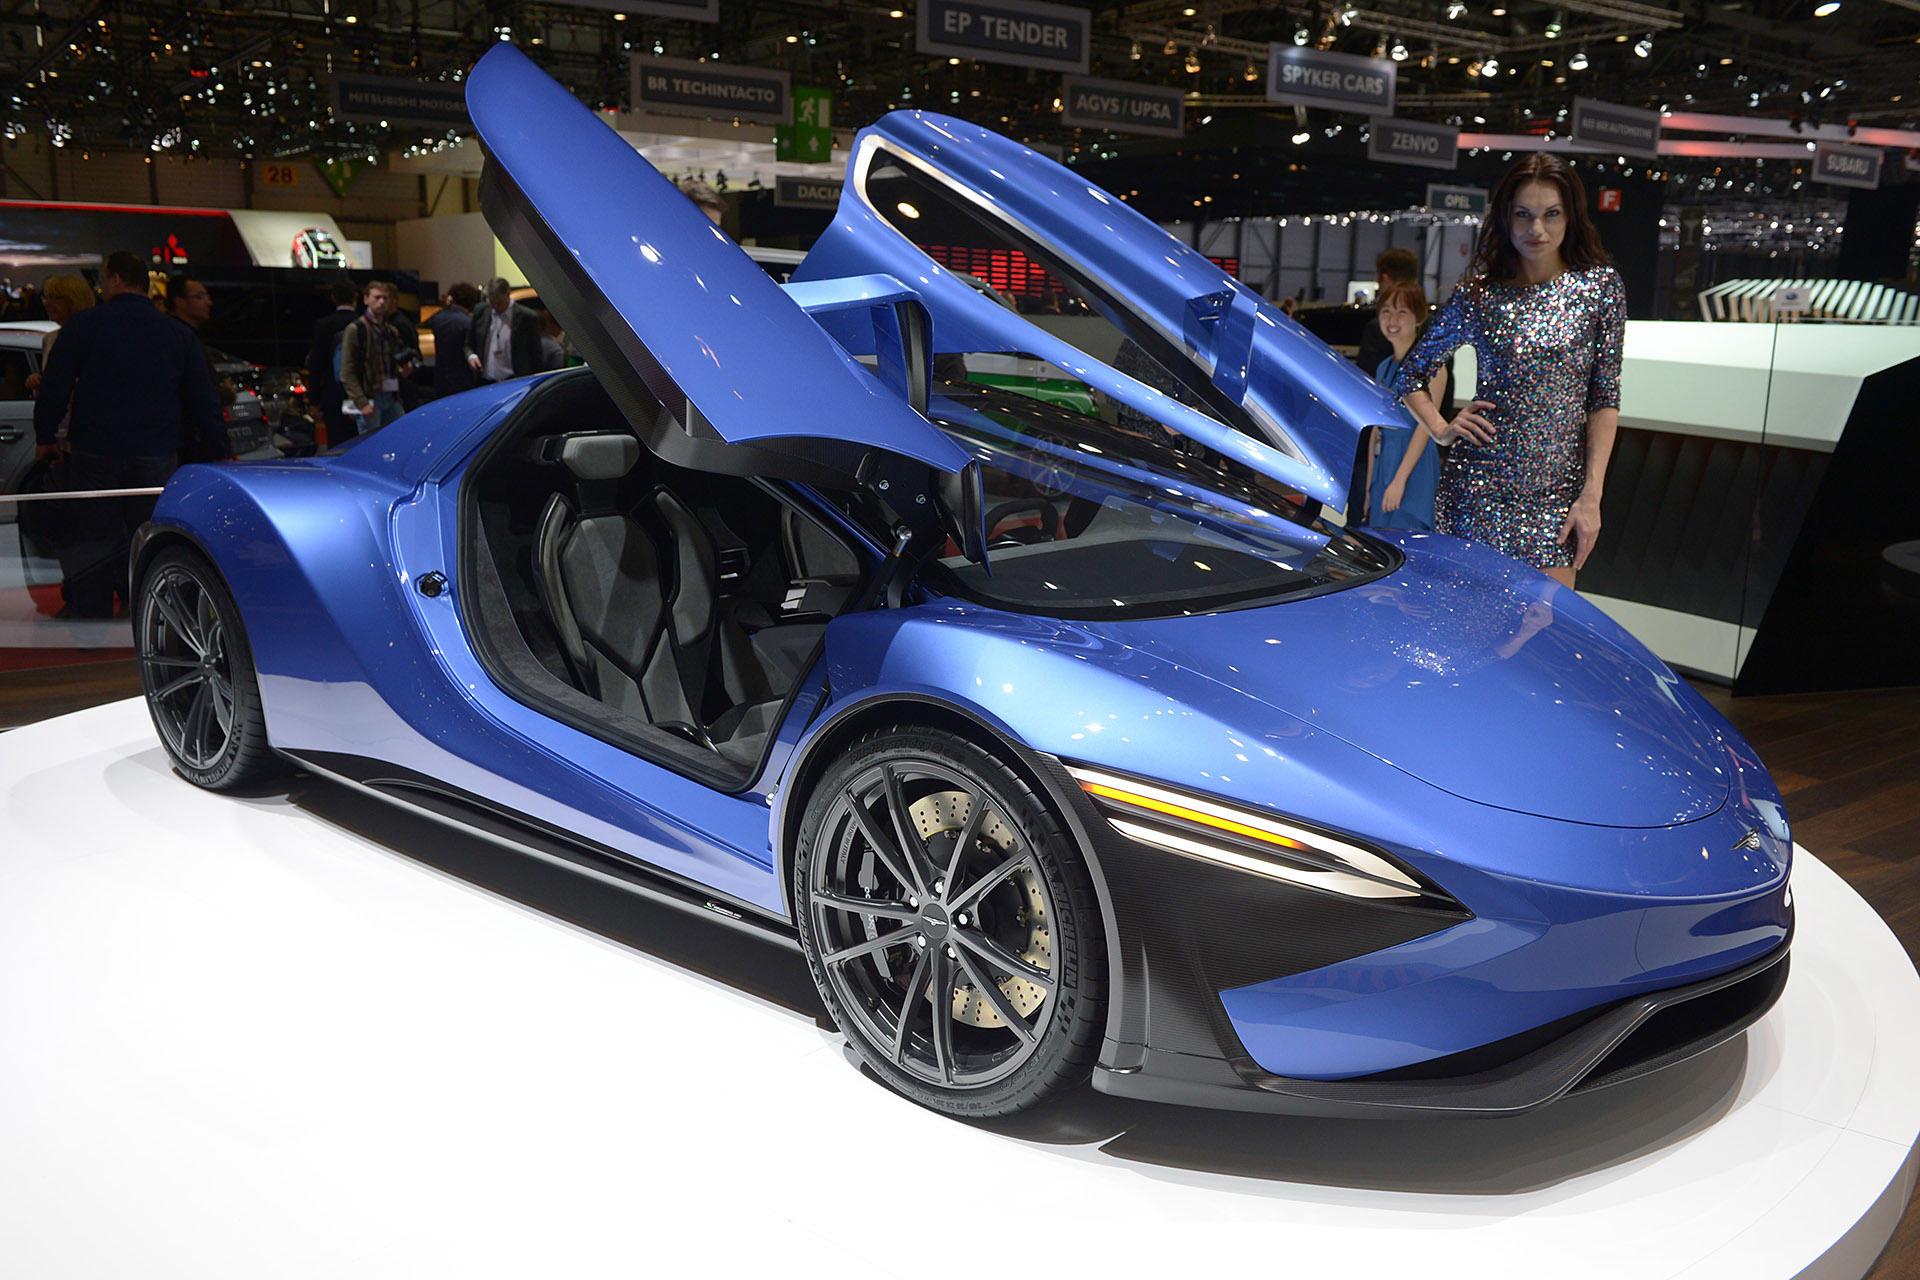 Chevrolet Reveals Their New Electric Car International Auto Show